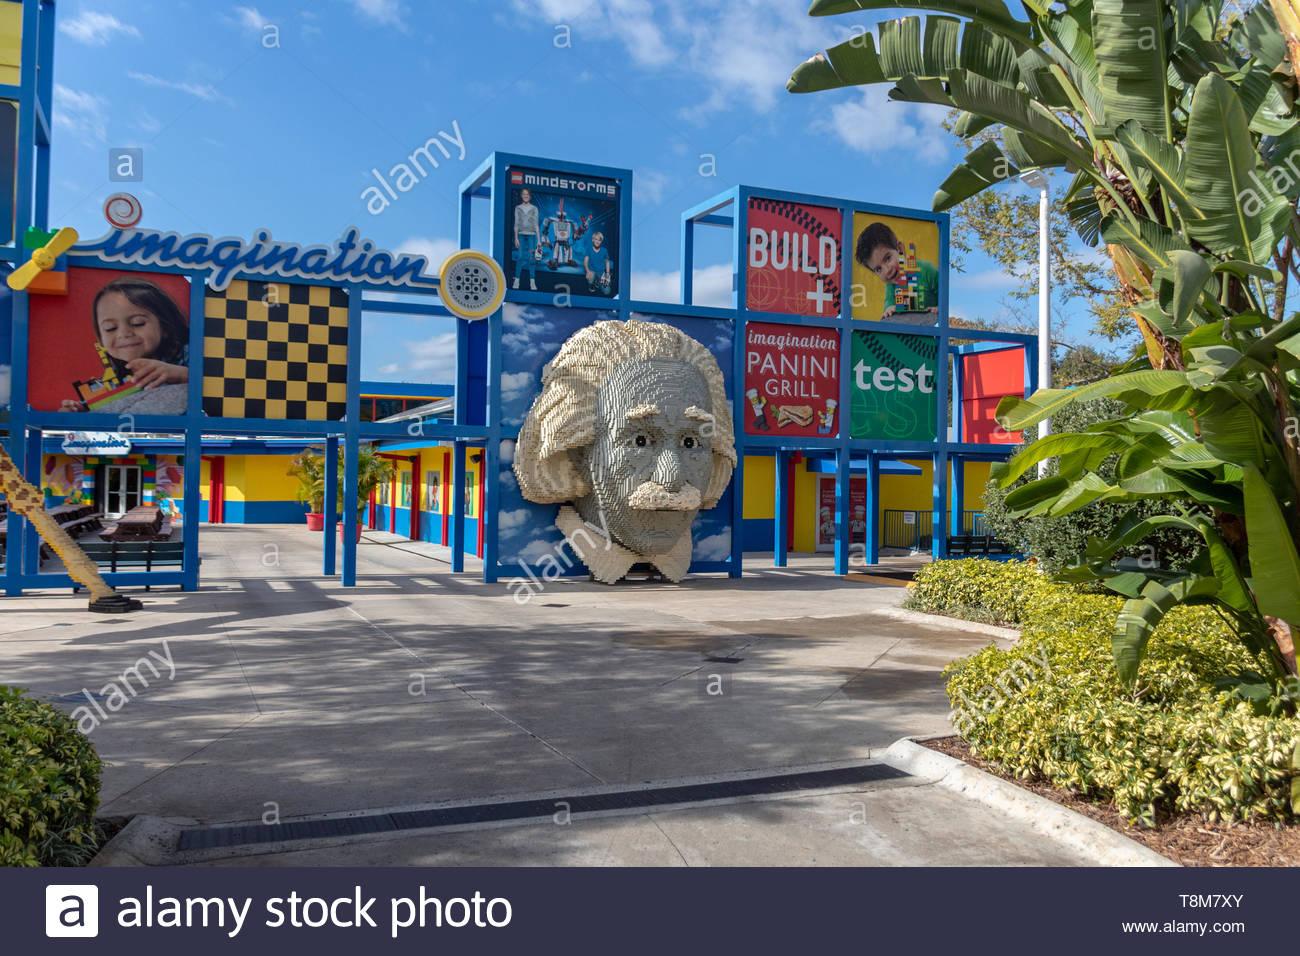 Winter Haven, Florida USA - Januar 22, 2019: LAND DER ABENTEUER Attraktionen und Fahrgeschäfte, Legoland Florida am Januar 22, 2019, im Winter Haven, FL Stockfoto